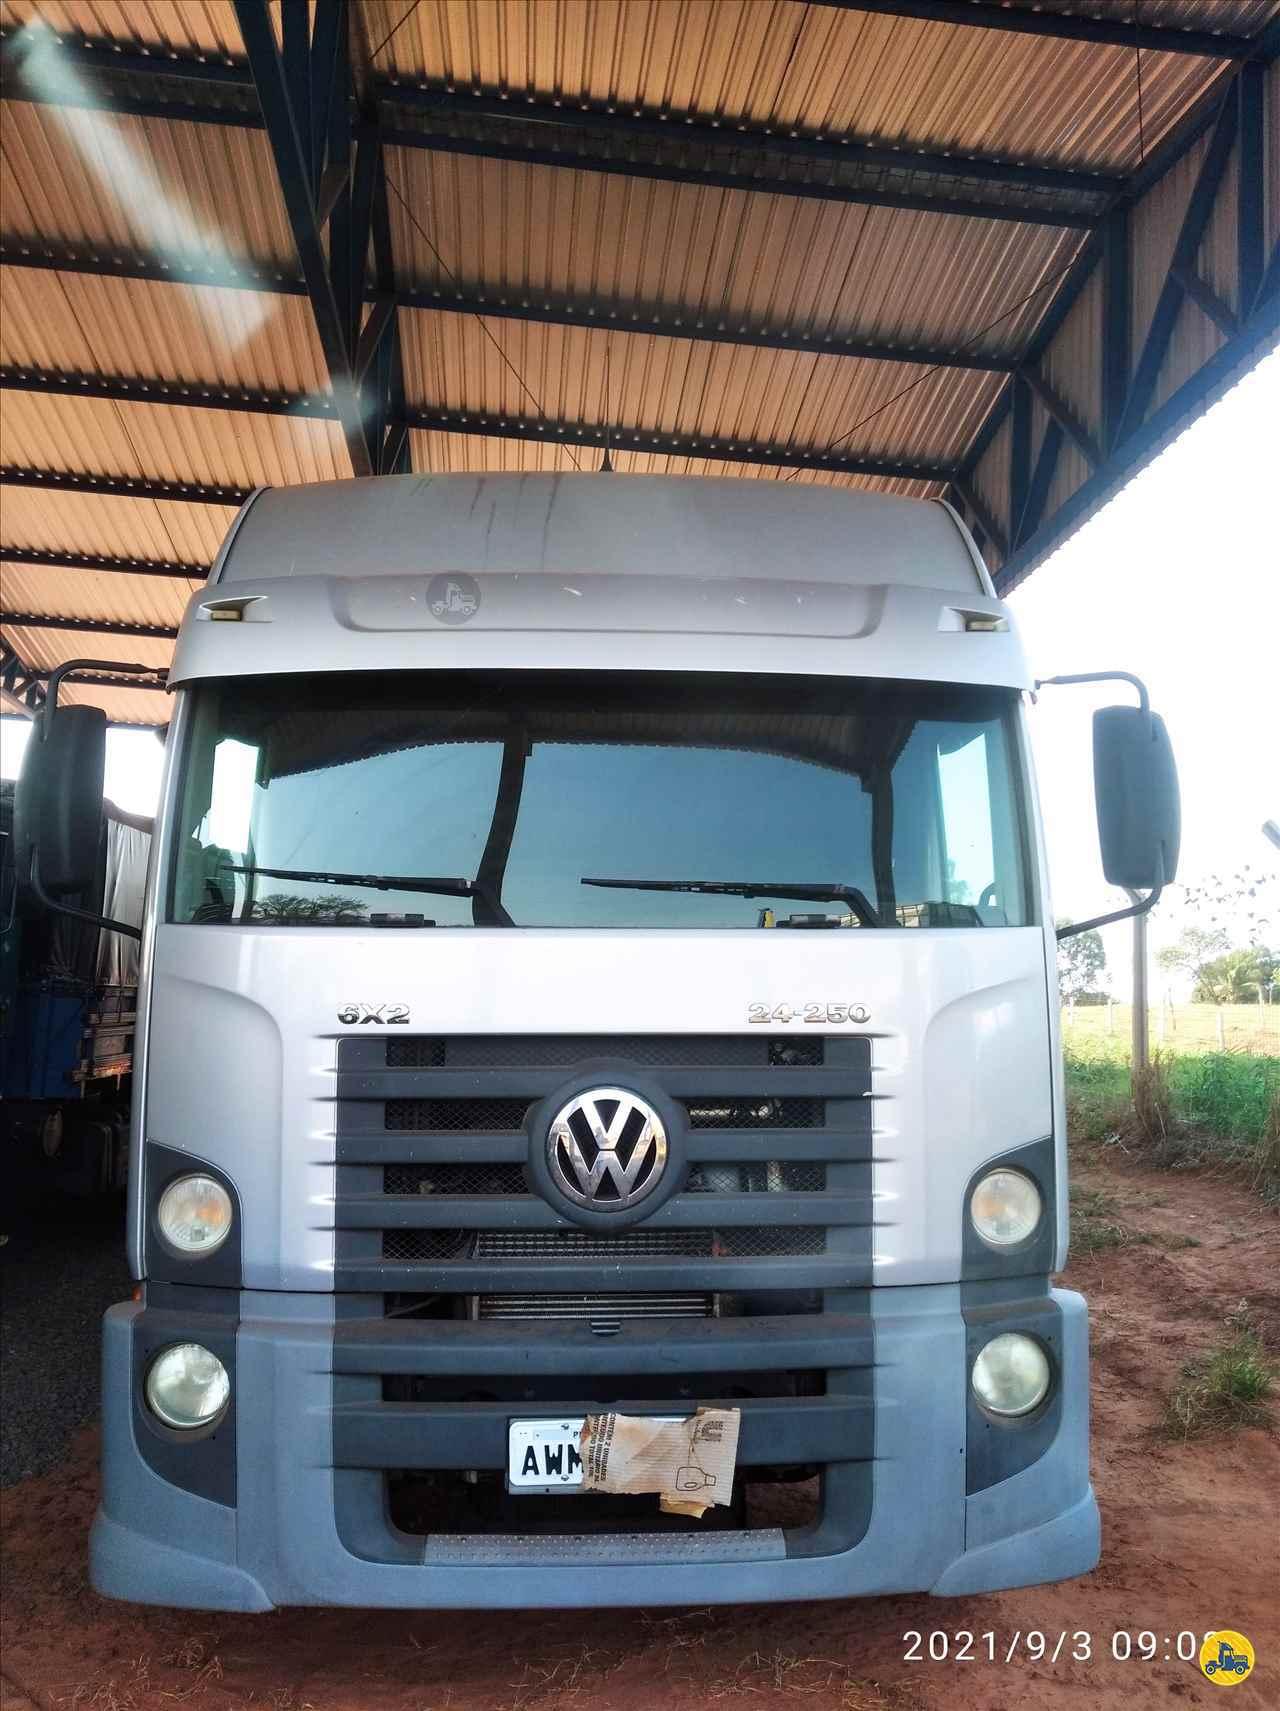 CAMINHAO VOLKSWAGEN VW 24250 Baú Furgão Truck 6x2 TVF Caminhões IPORA PARANÁ PR